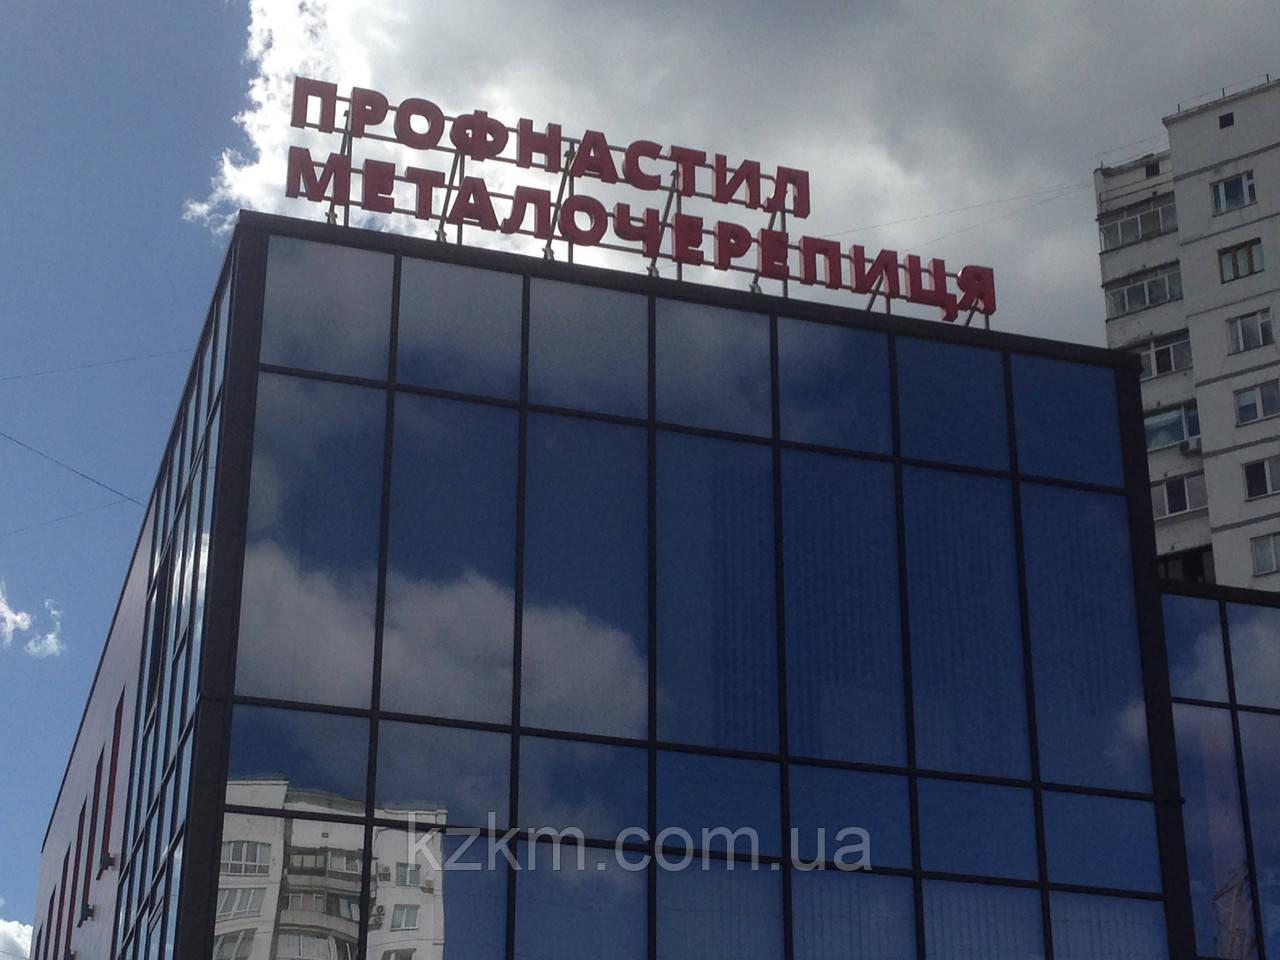 Профнастил на Миропольской, профлист на Миропольской 13B, профнастил м